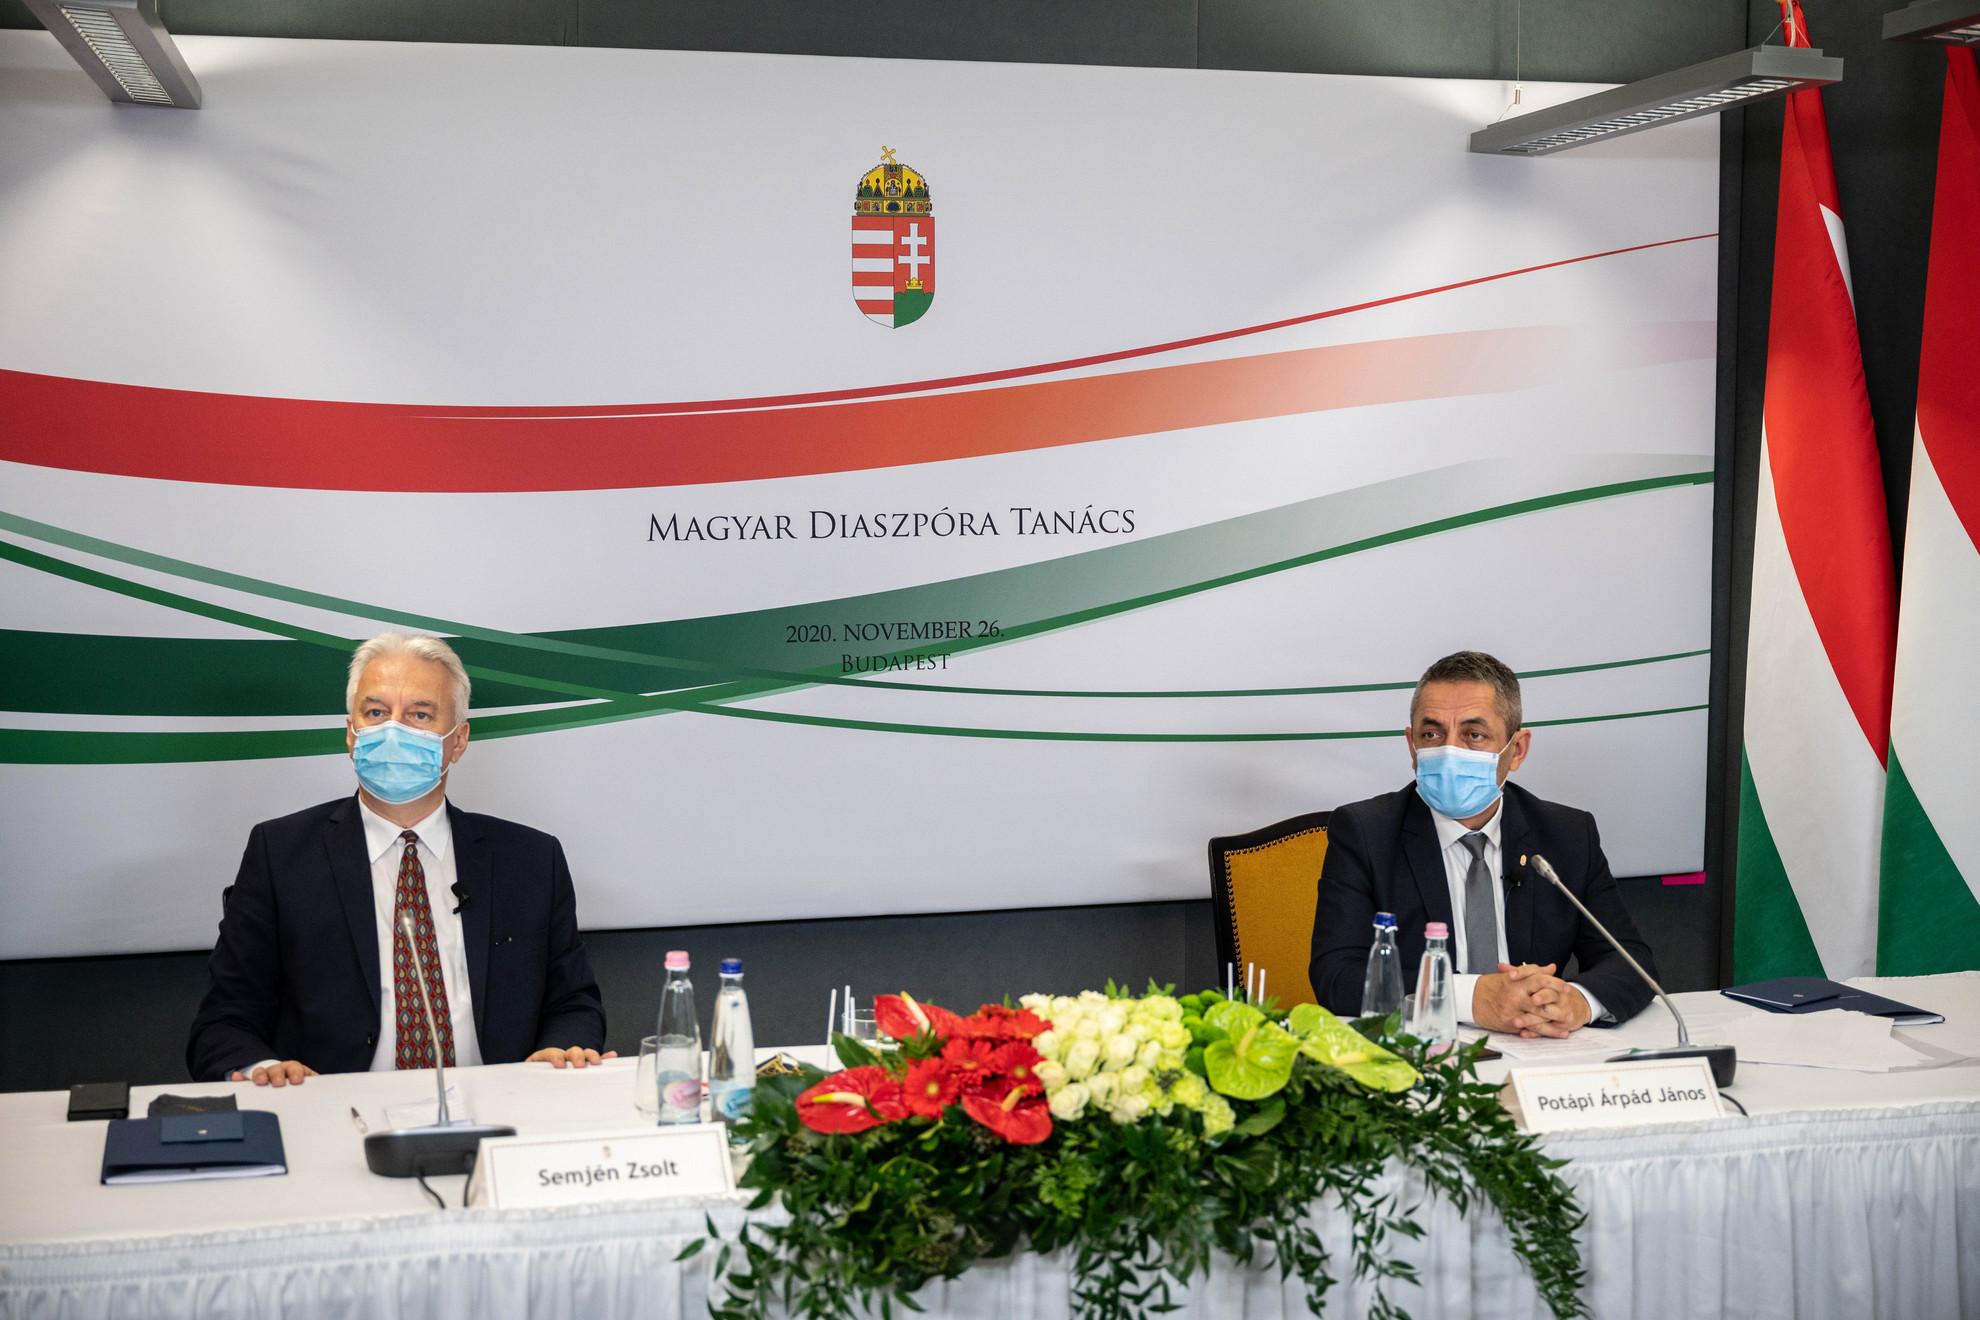 Semjén Zsolt nemzetpolitikáért felelős miniszterelnök-helyettes (b) és Potápi Árpád János, a Miniszterelnökség nemzetpolitikáért felelős államtitkára Budapesten, a Magyar Diaszpóra Tanács ülésén 2020. november 26-án